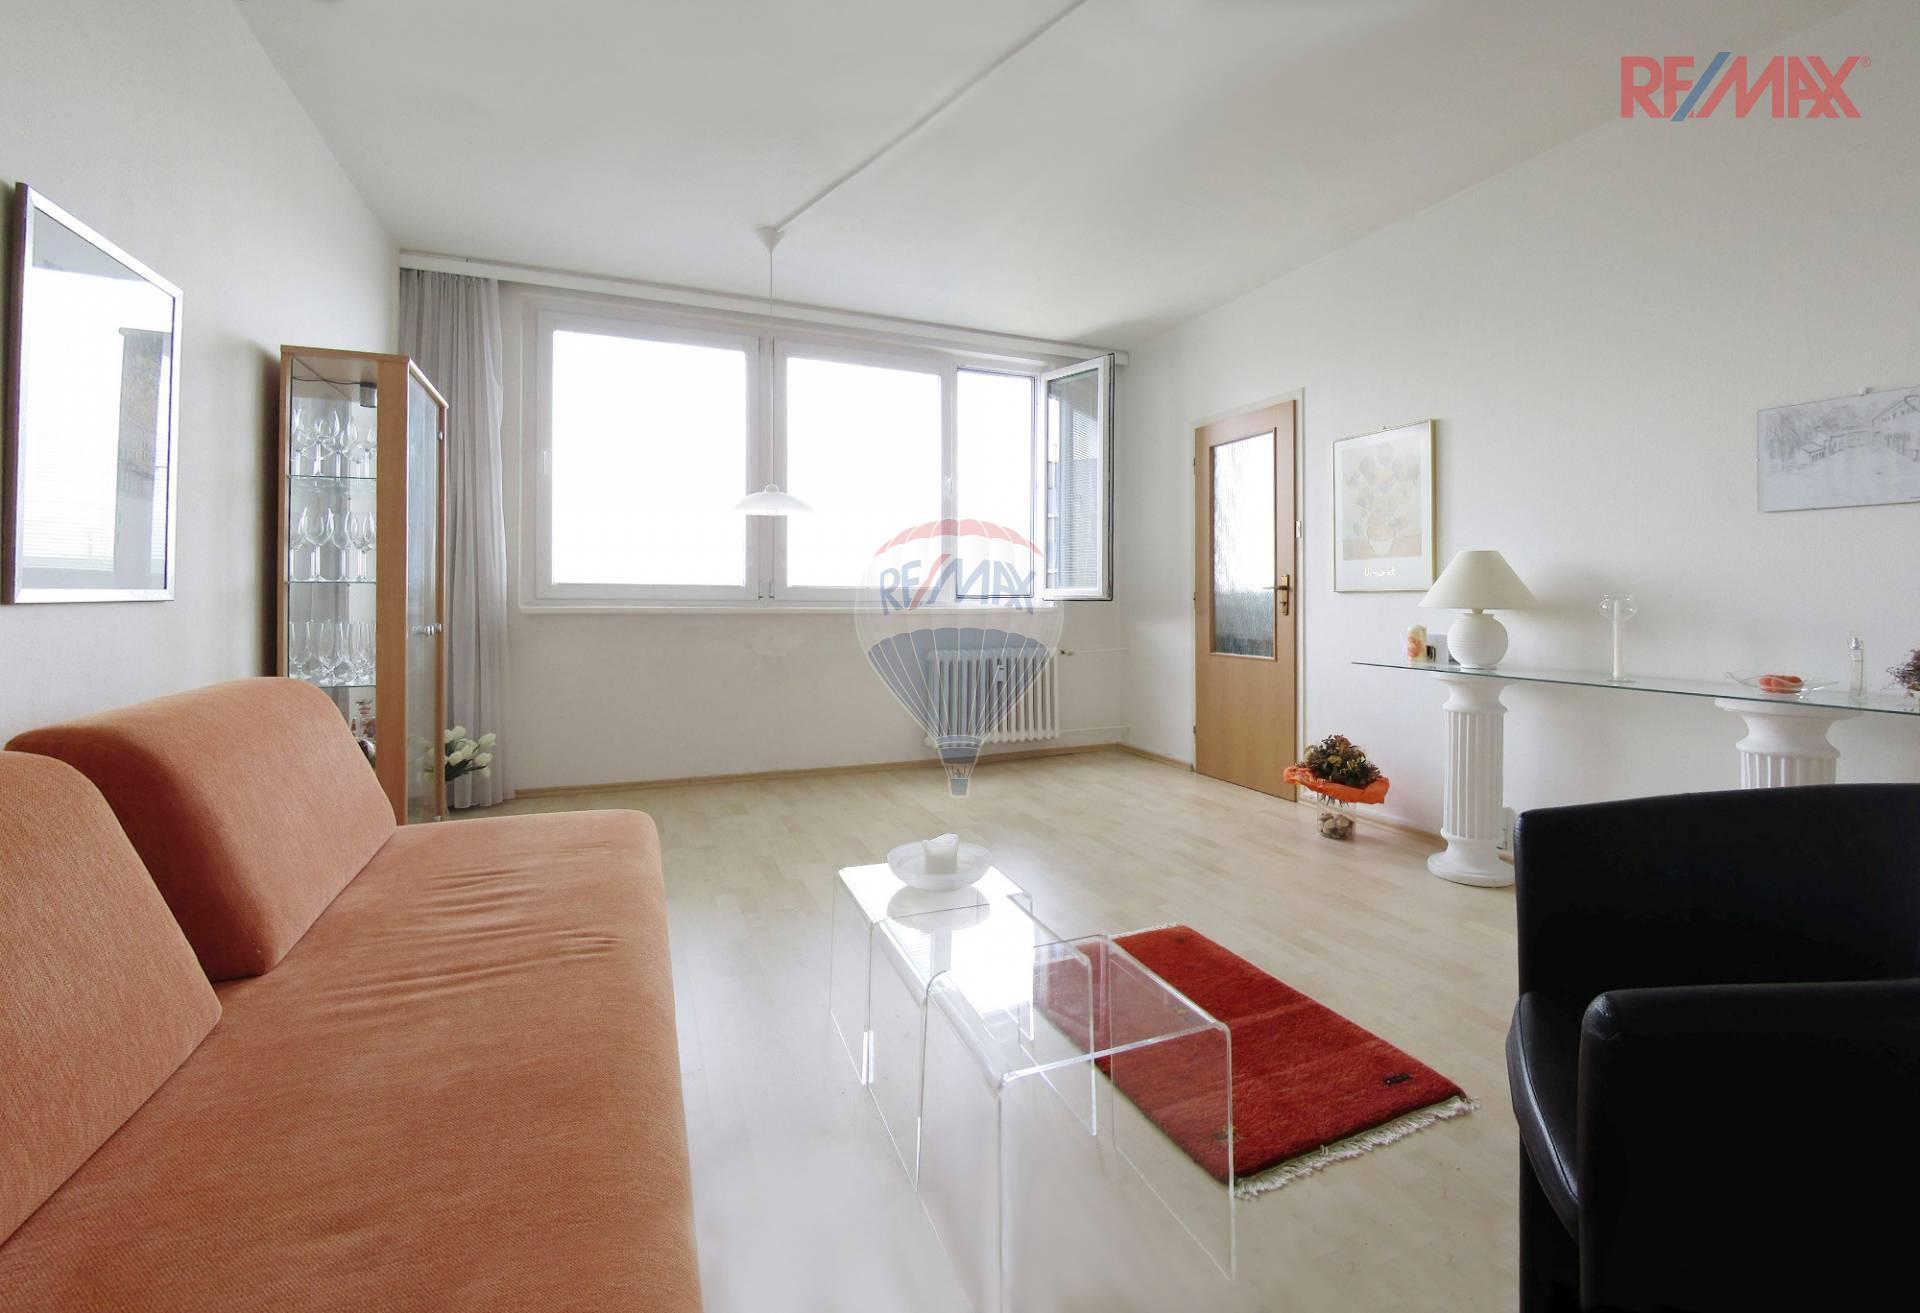 Pronájem krásného byt 3+1 s lodžií, Pražského, Praha 5